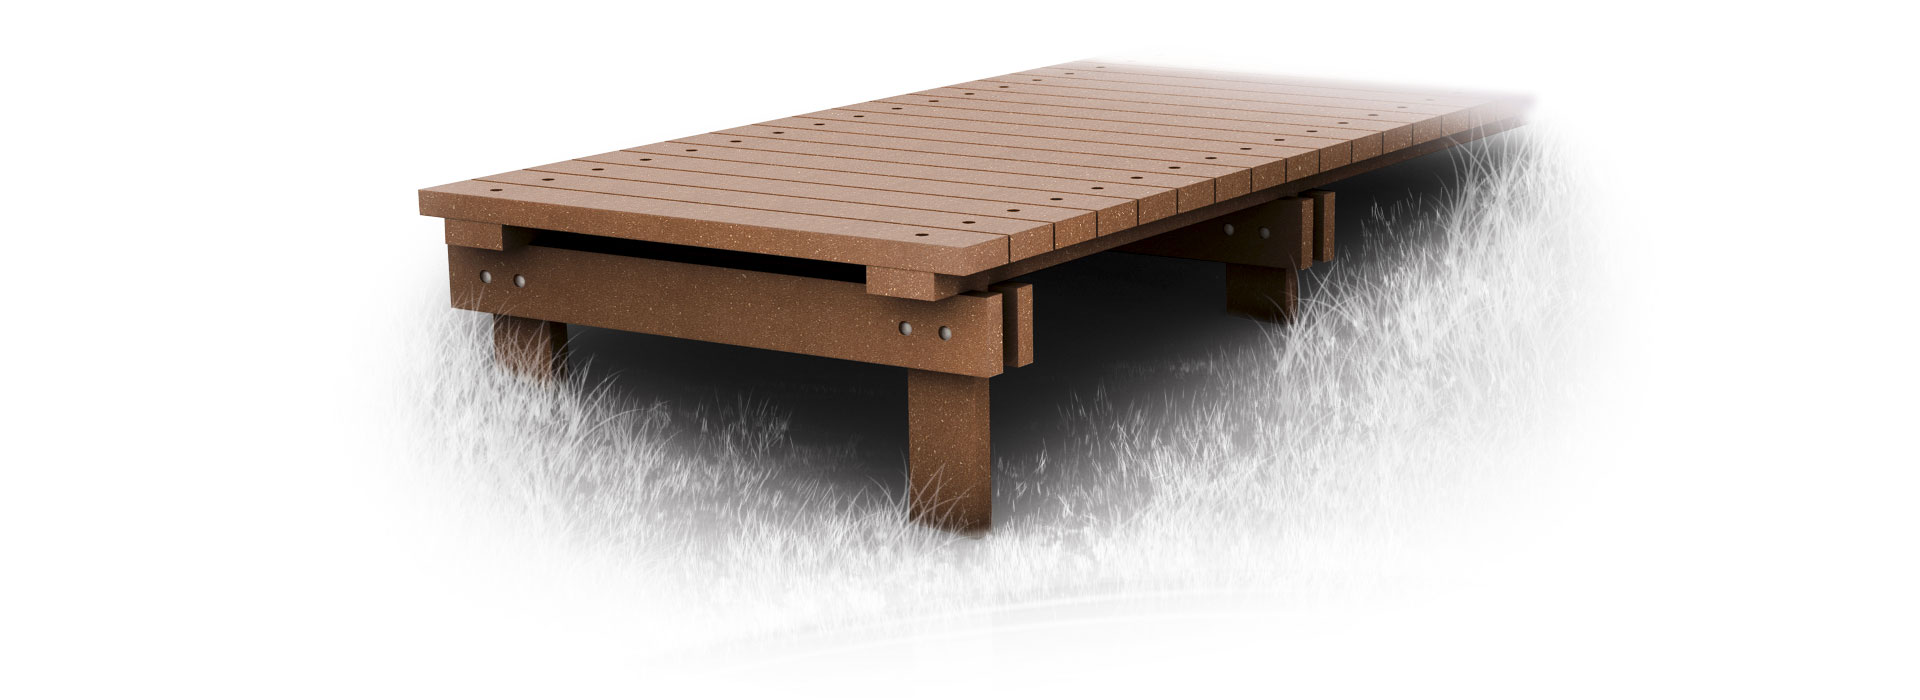 Steg megawood terrassensystem for Kann terrassenplaner